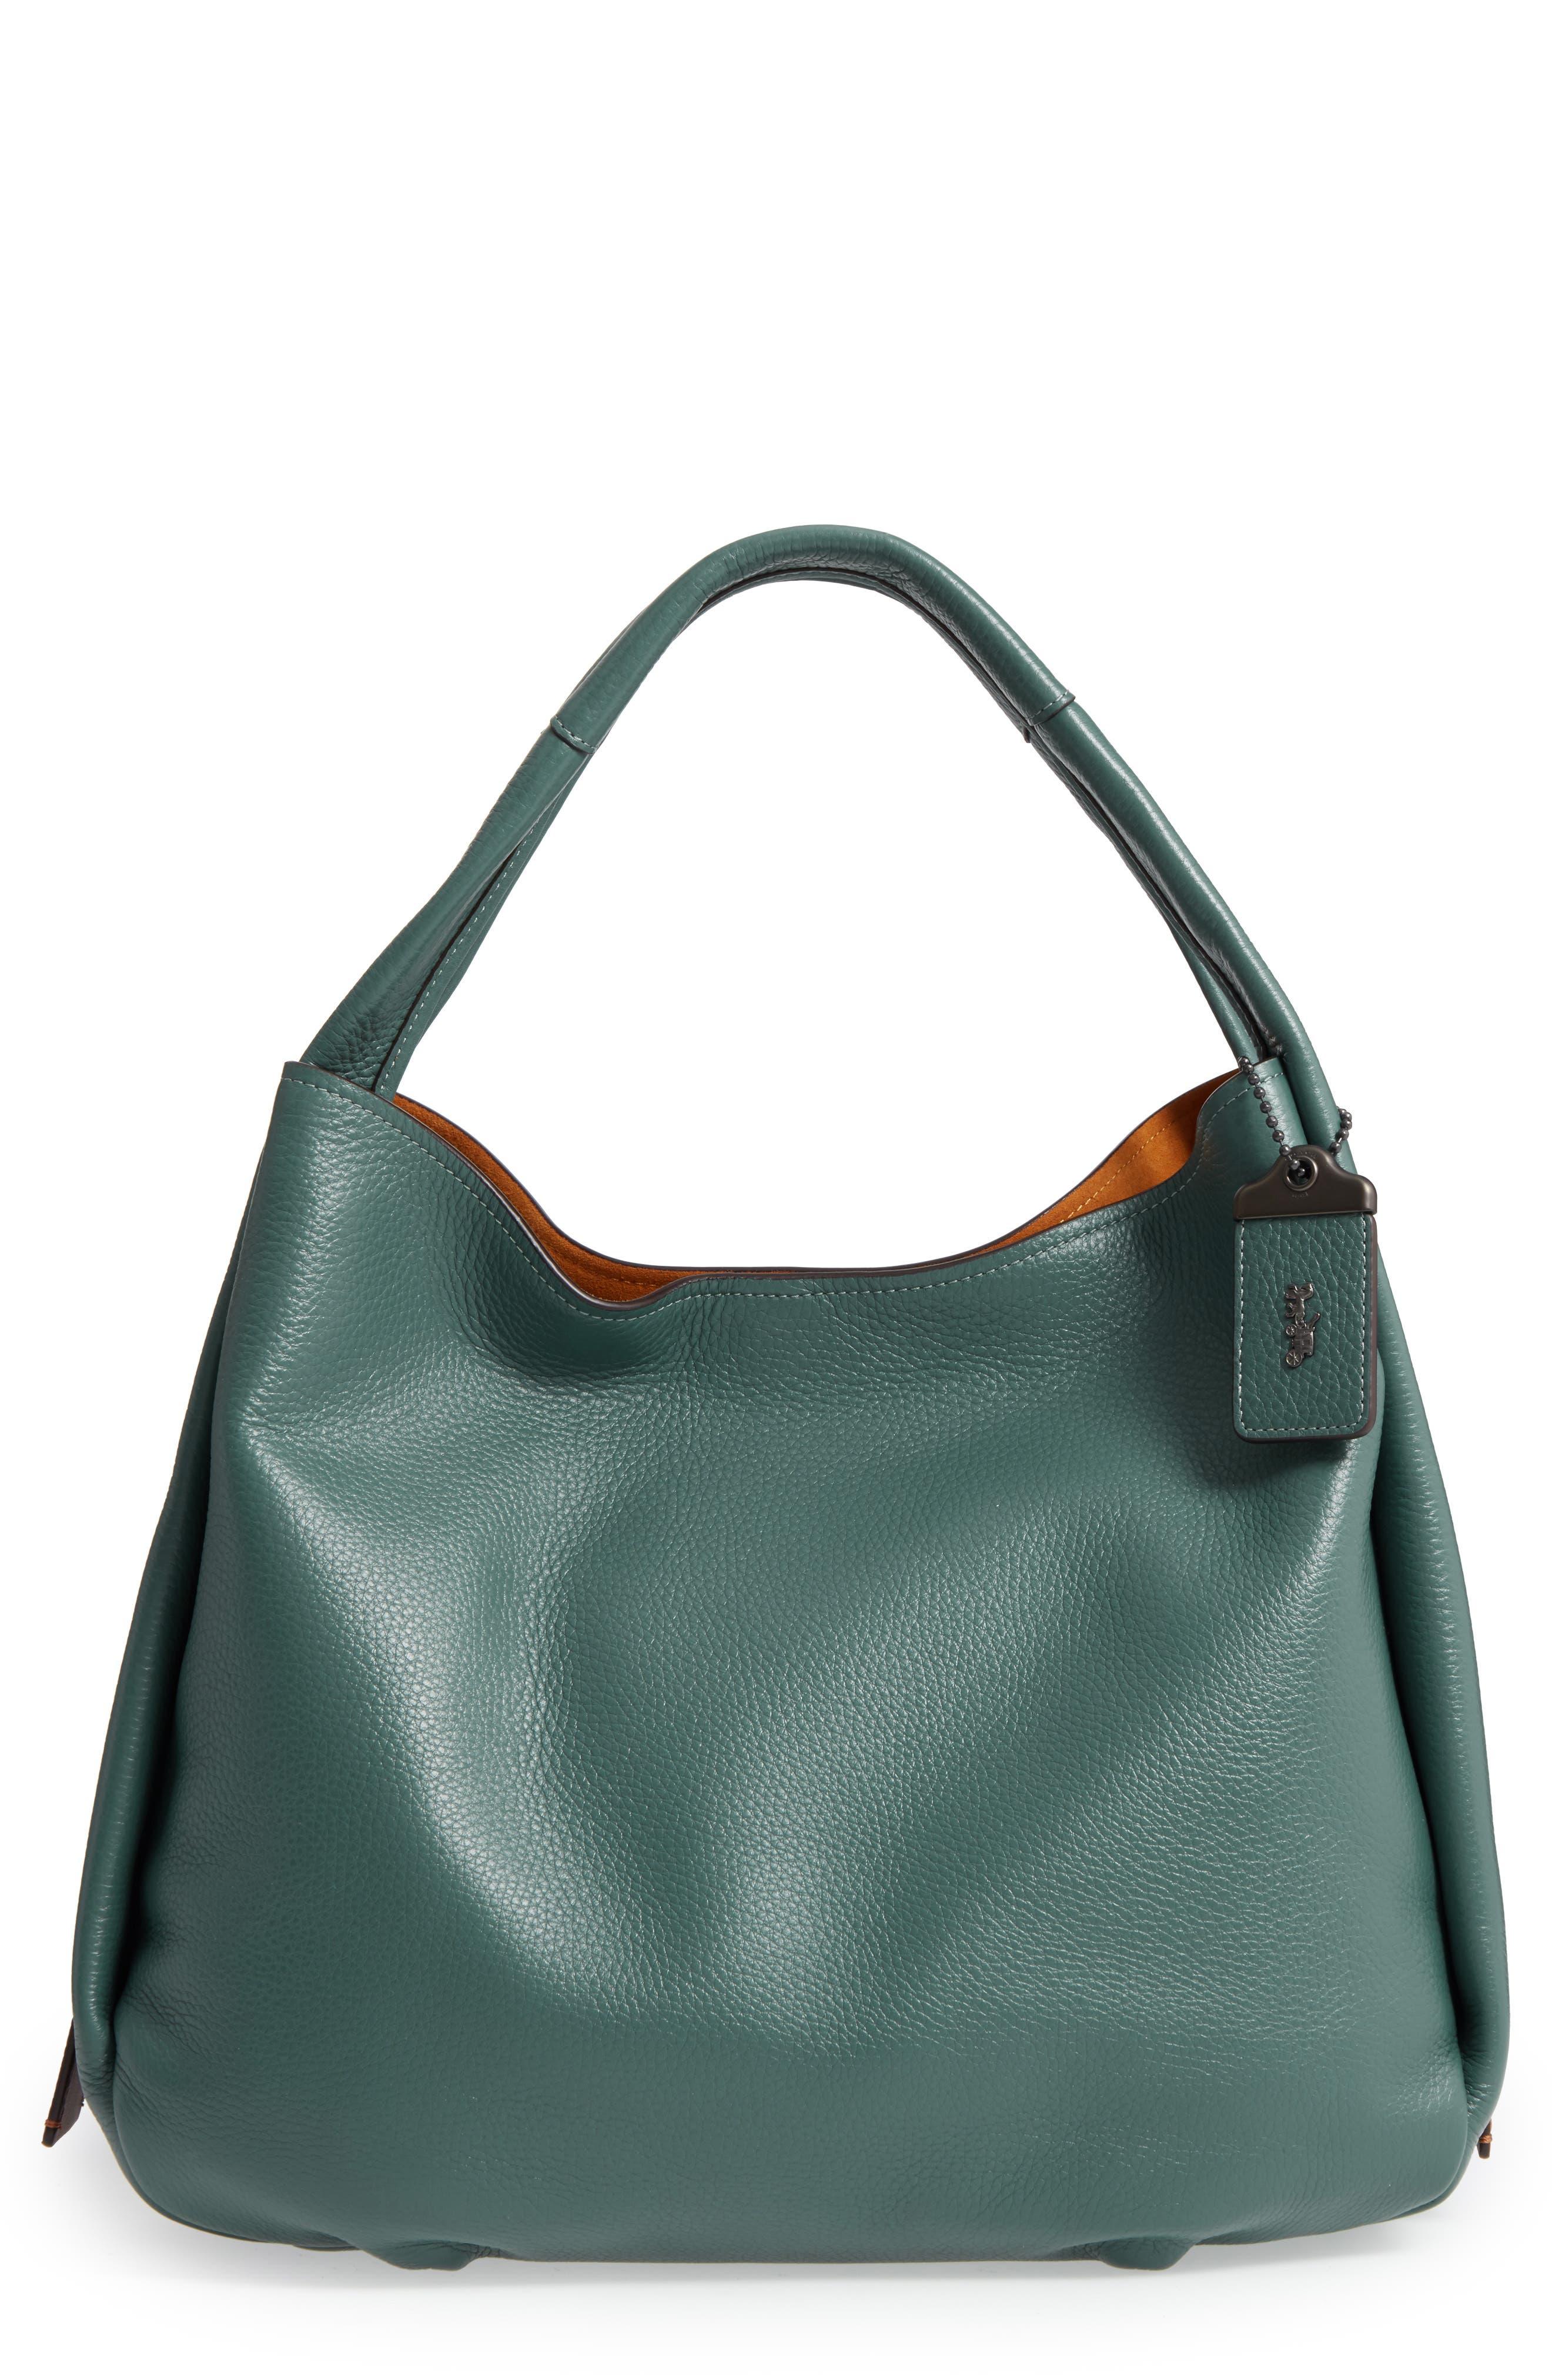 COACH 1941 Bandit Leather Hobo & Removable Shoulder Bag